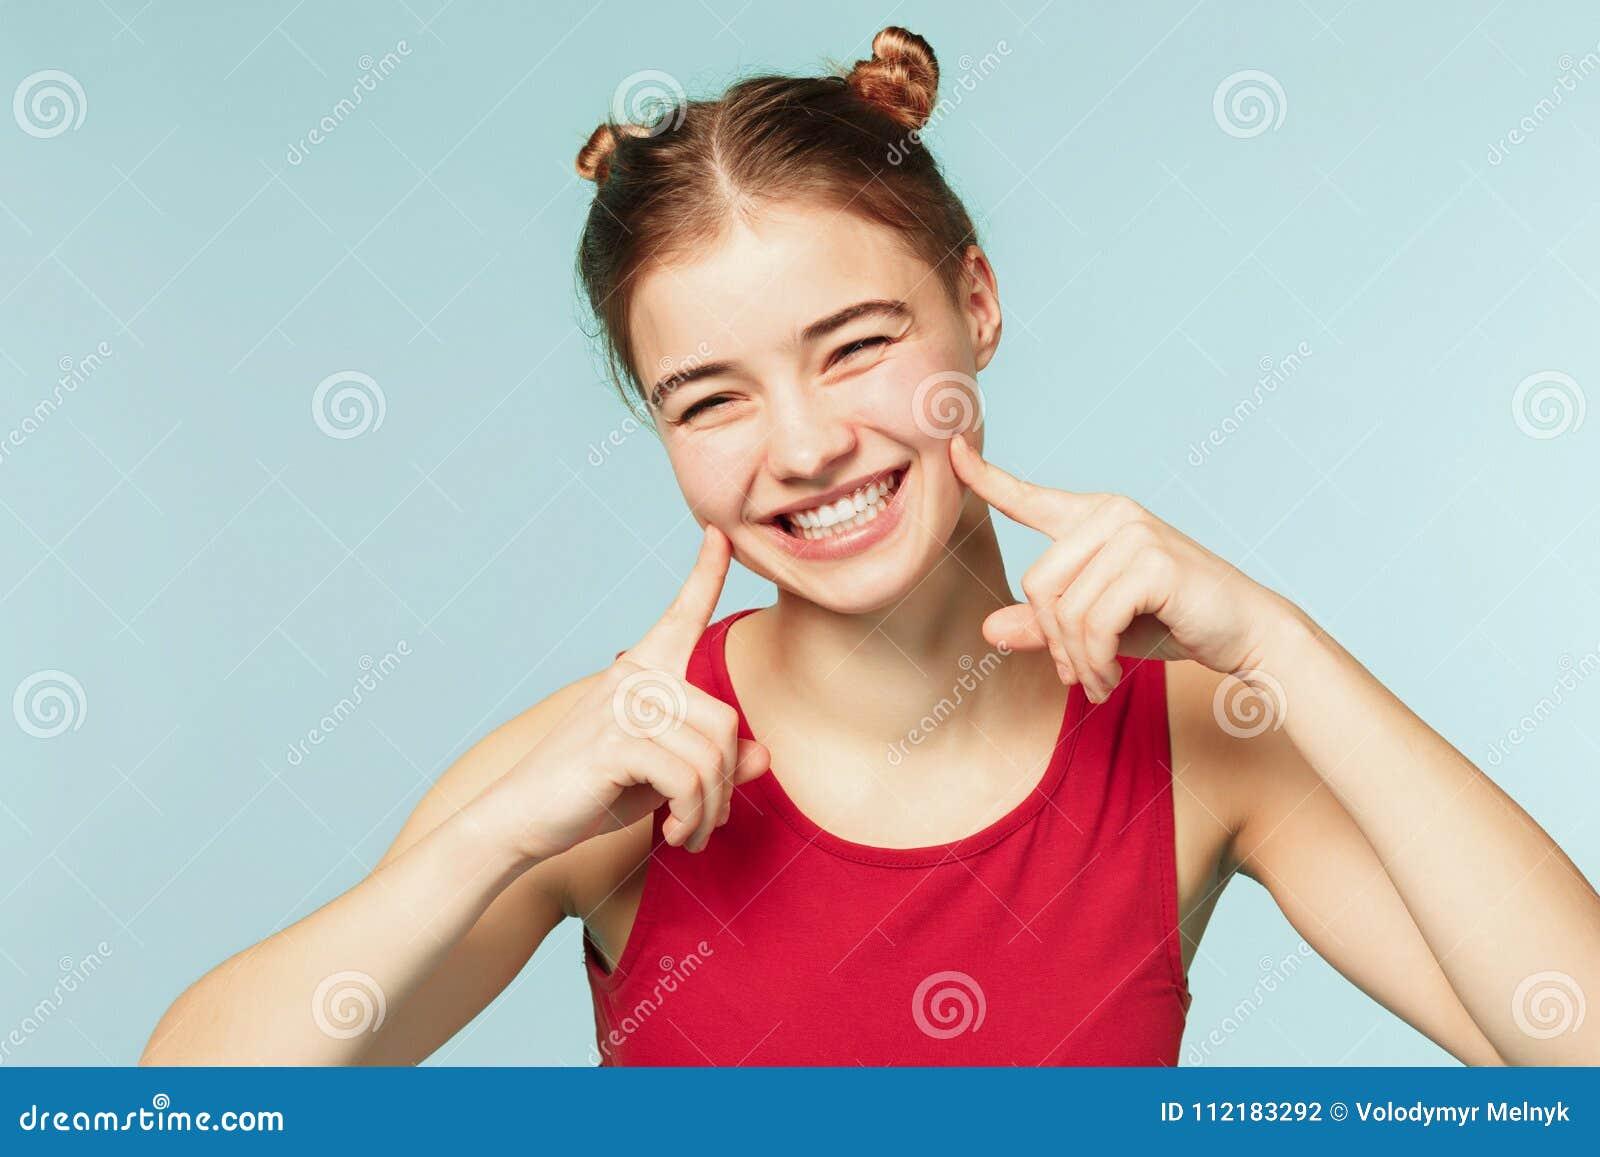 Kobieta ono uśmiecha się z perfect uśmiechem na błękitnym pracownianym tle